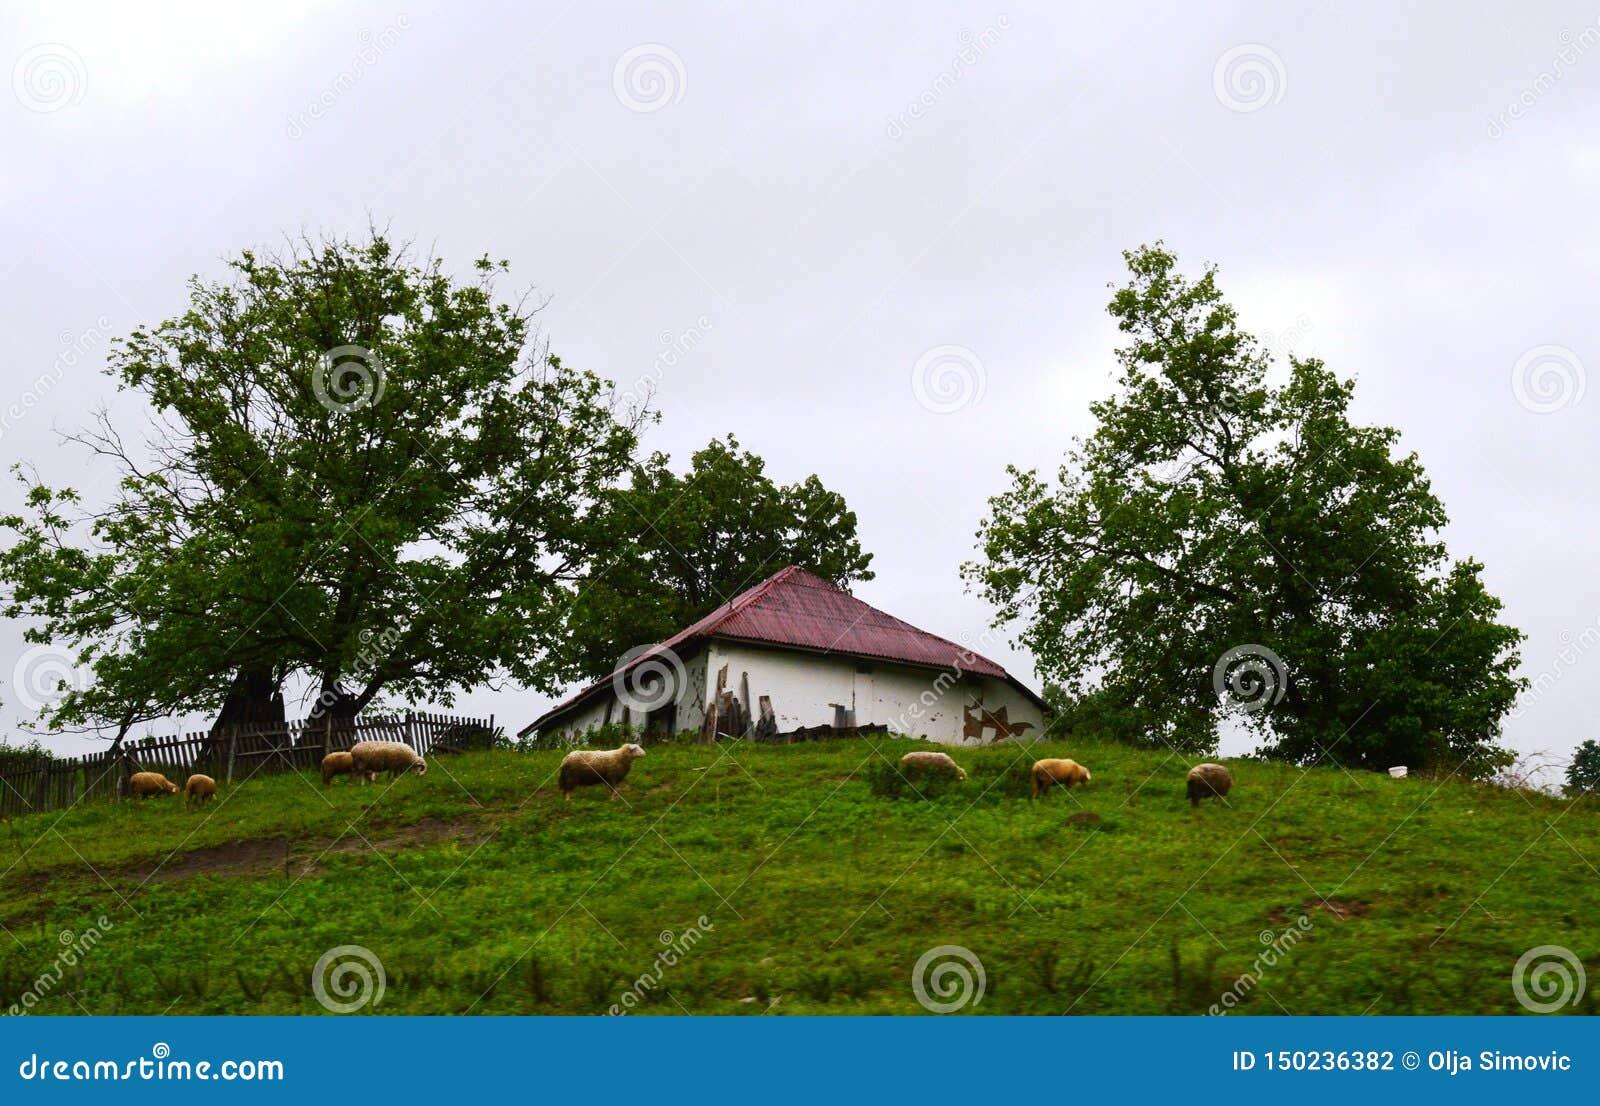 Petits vieux maison et moutons